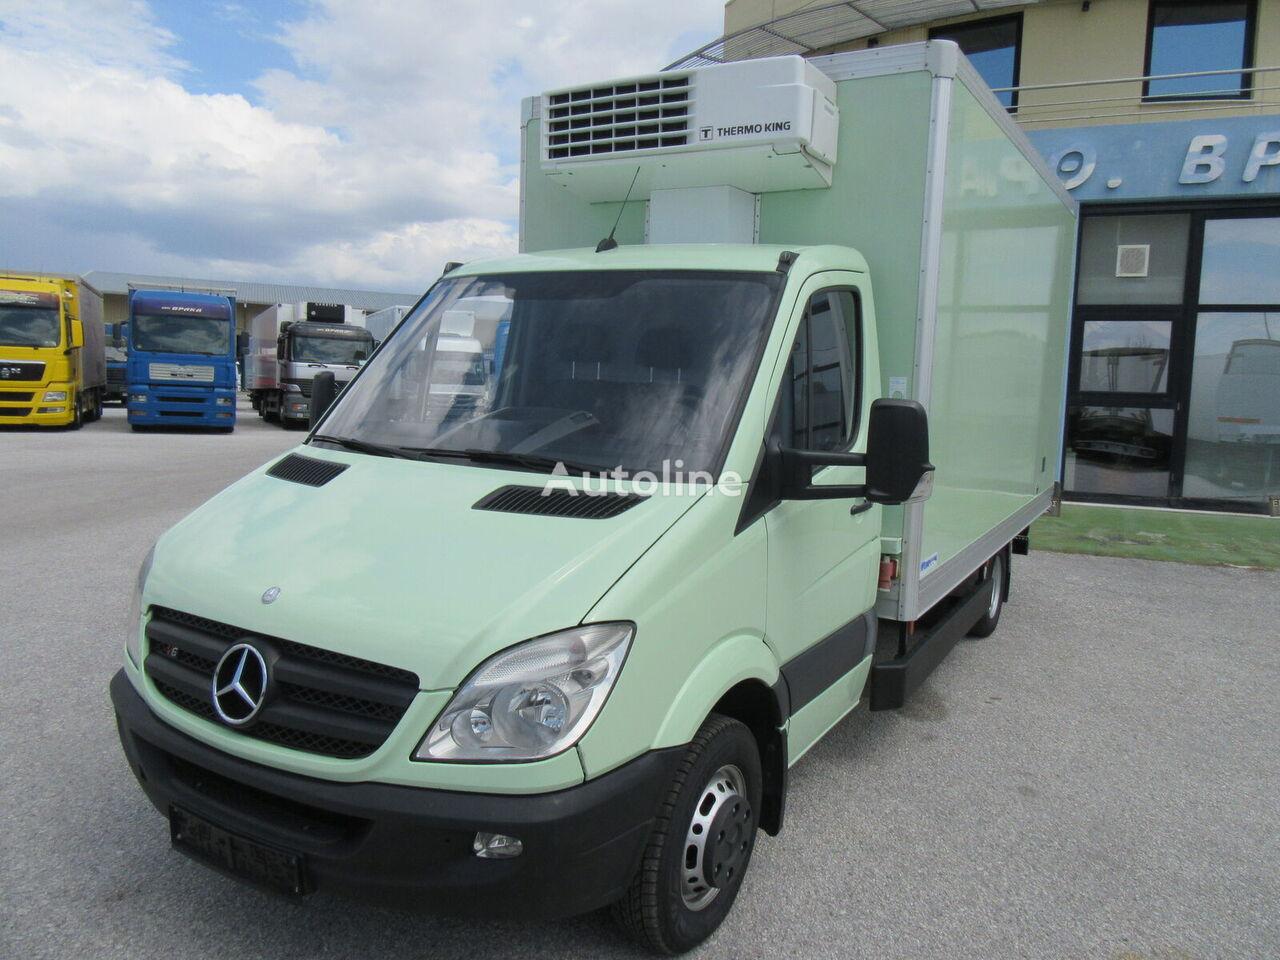 φορτηγό ψυγείο MERCEDES-BENZ 519 CDI / EURO 5